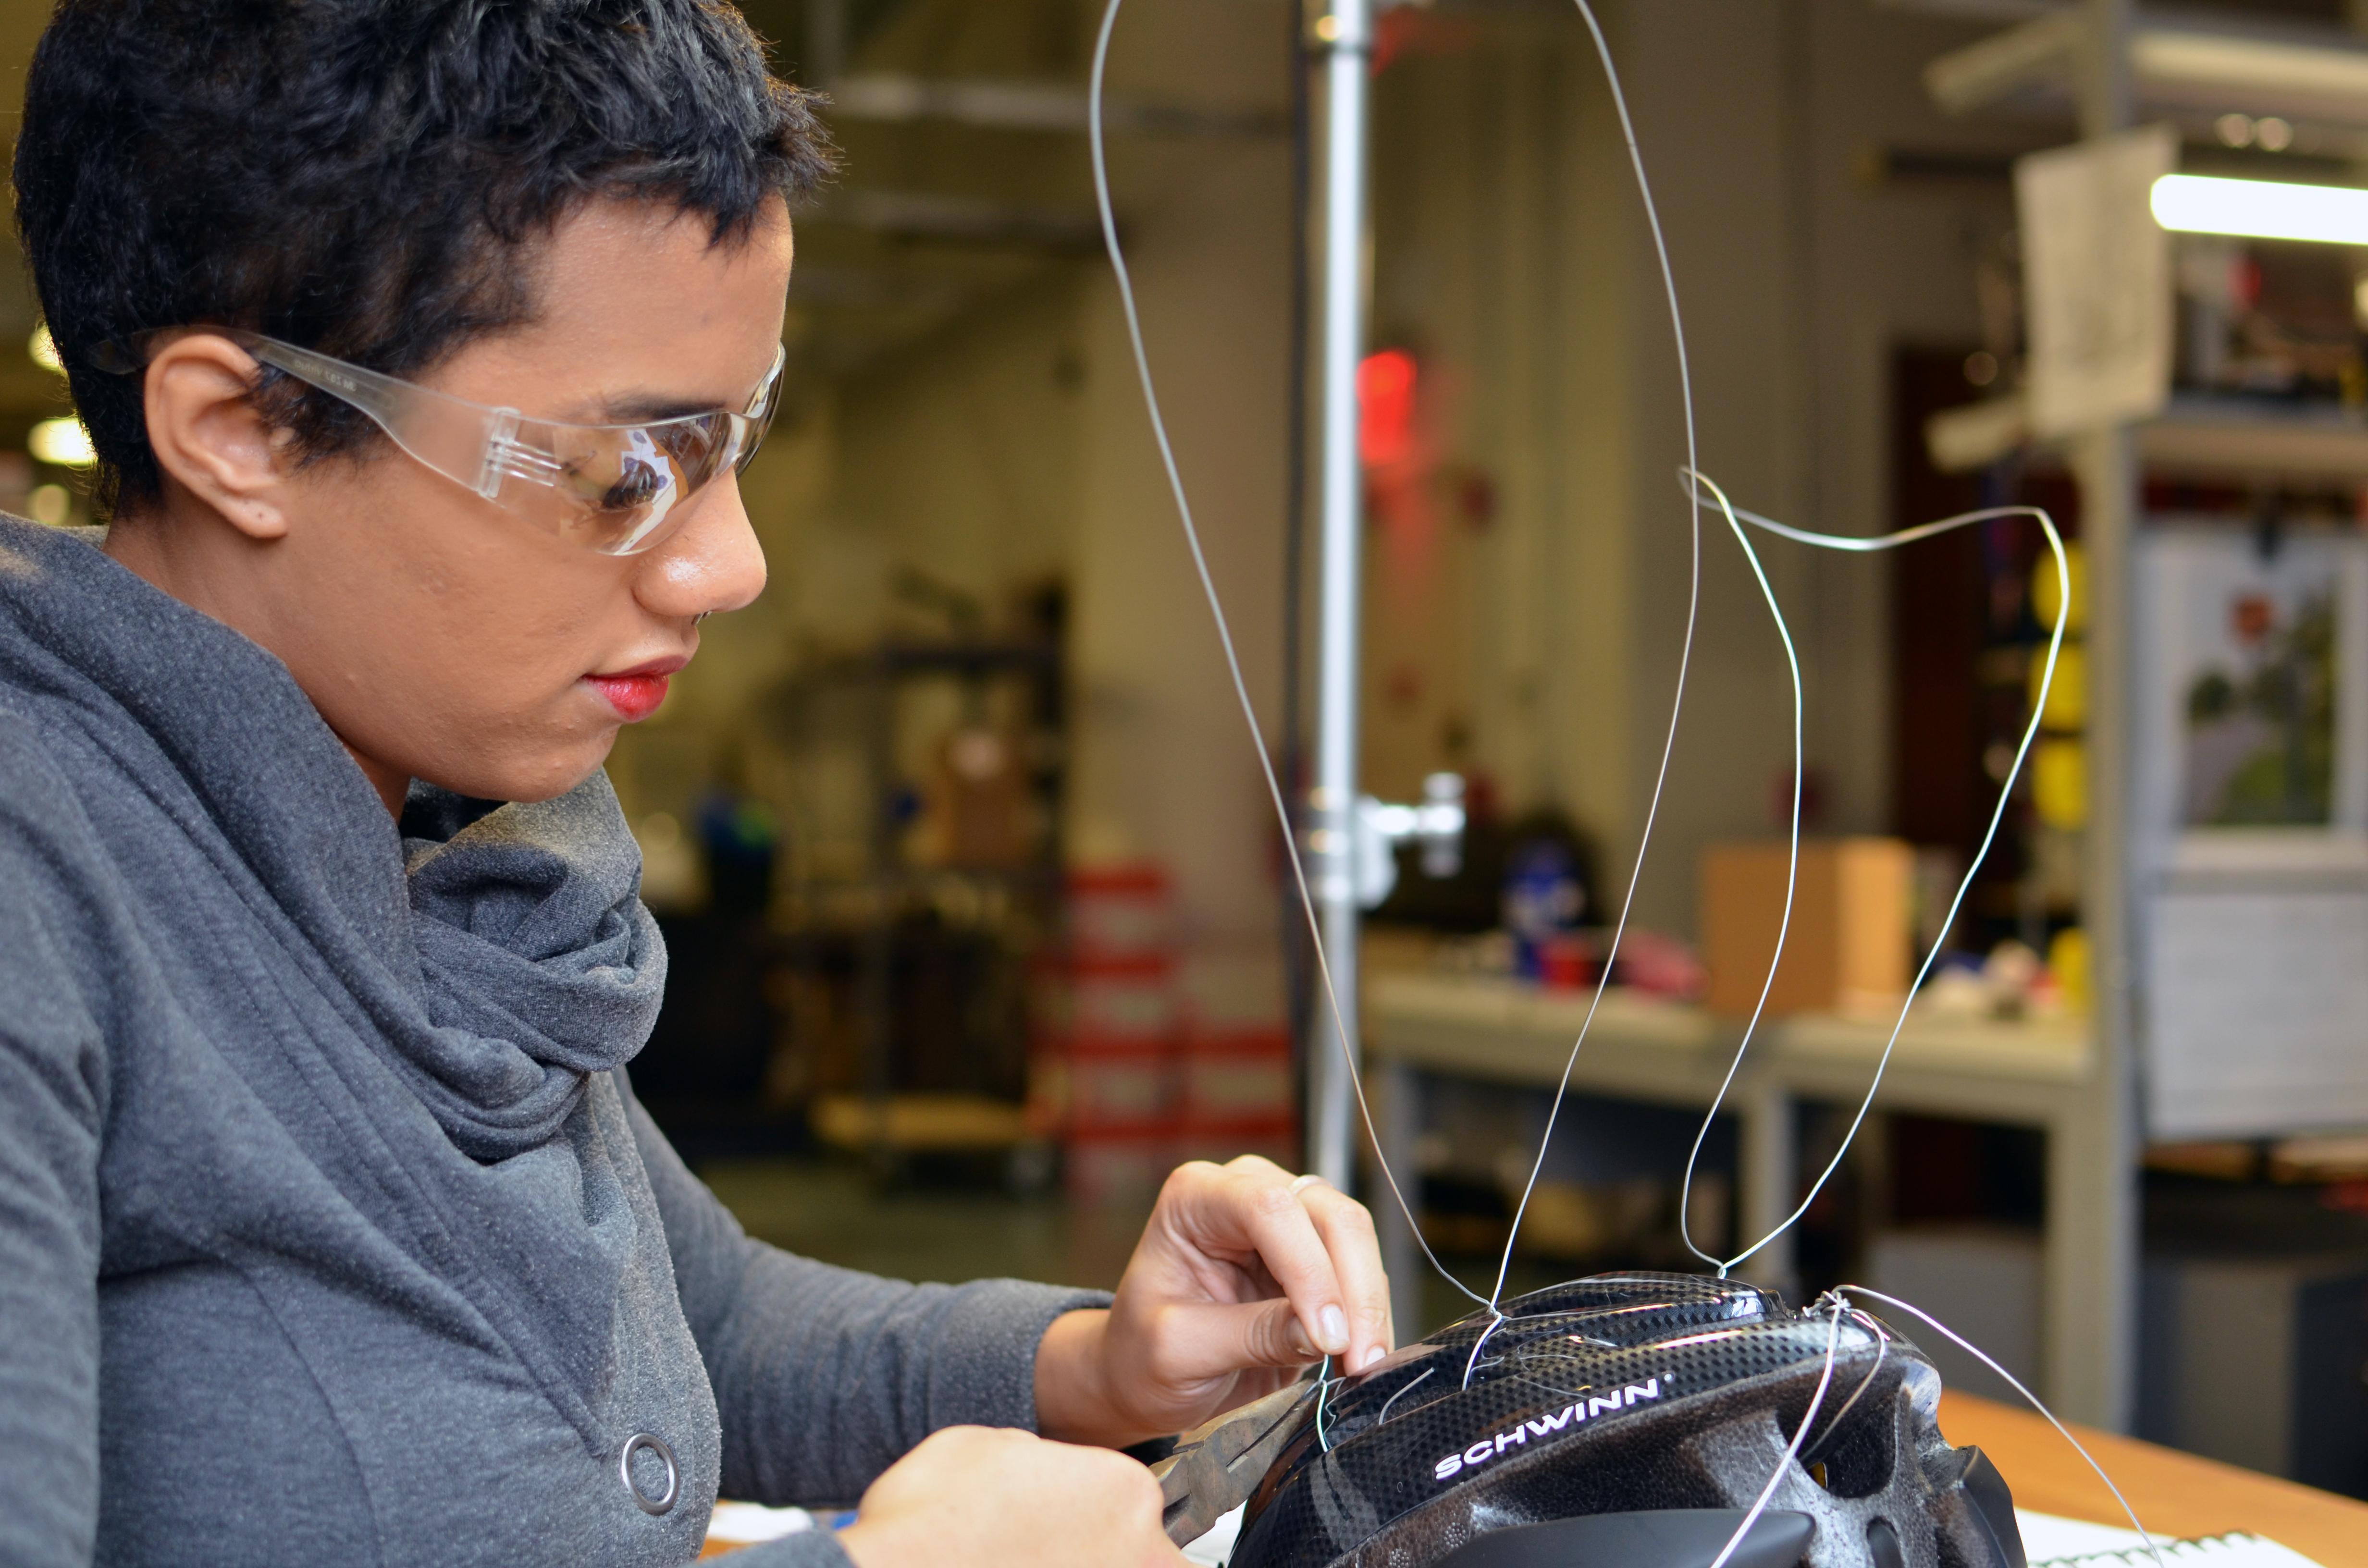 el_wire_tape_panel_el-wire-mask-adafruit-05.jpg